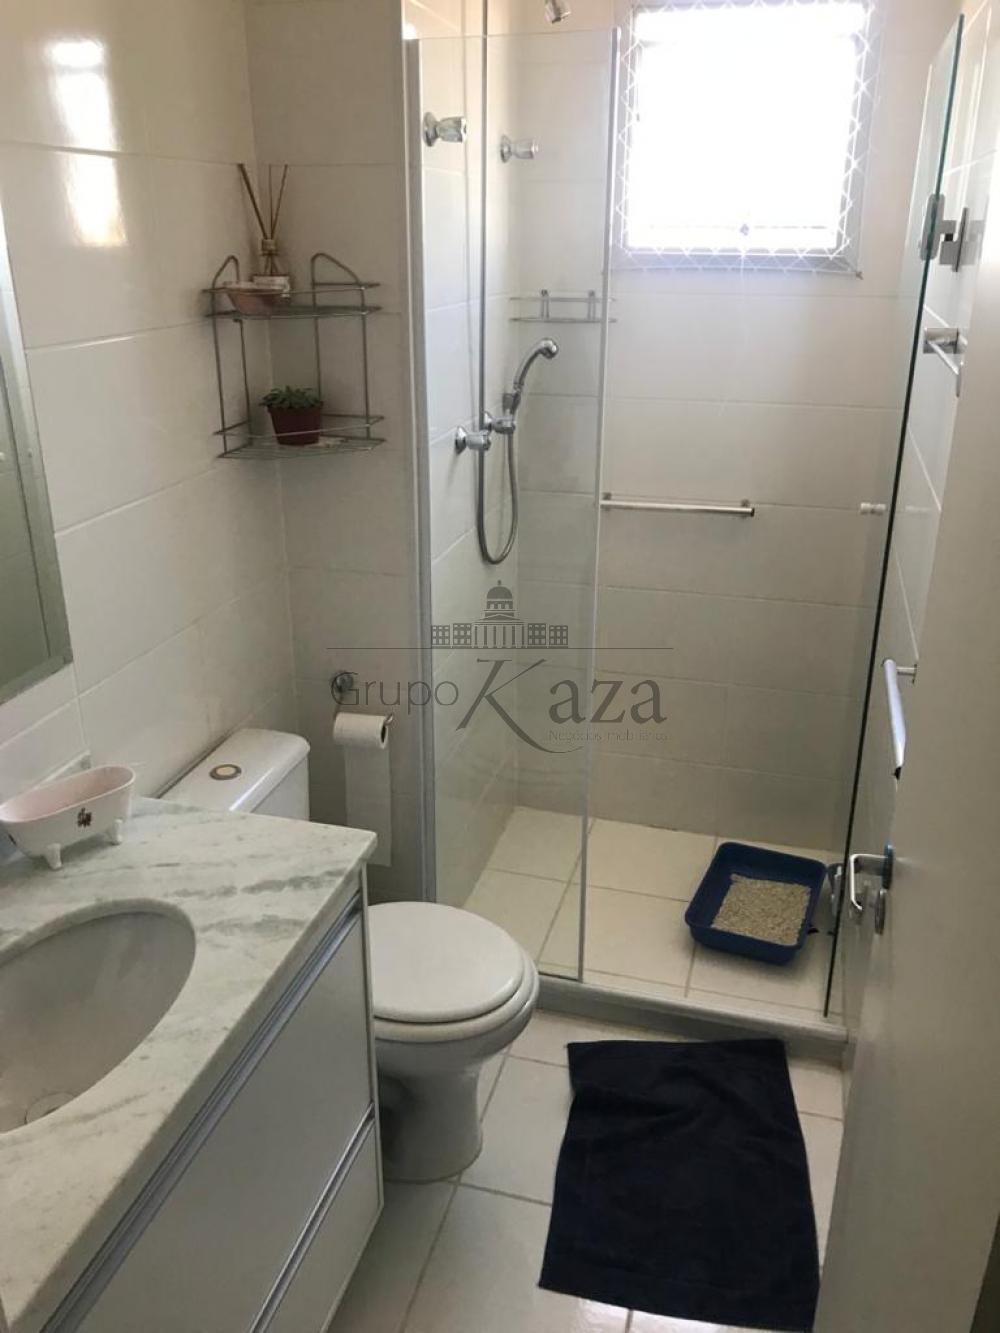 alt='Comprar Apartamento / Padrão em São José dos Campos R$ 320.000,00 - Foto 8' title='Comprar Apartamento / Padrão em São José dos Campos R$ 320.000,00 - Foto 8'